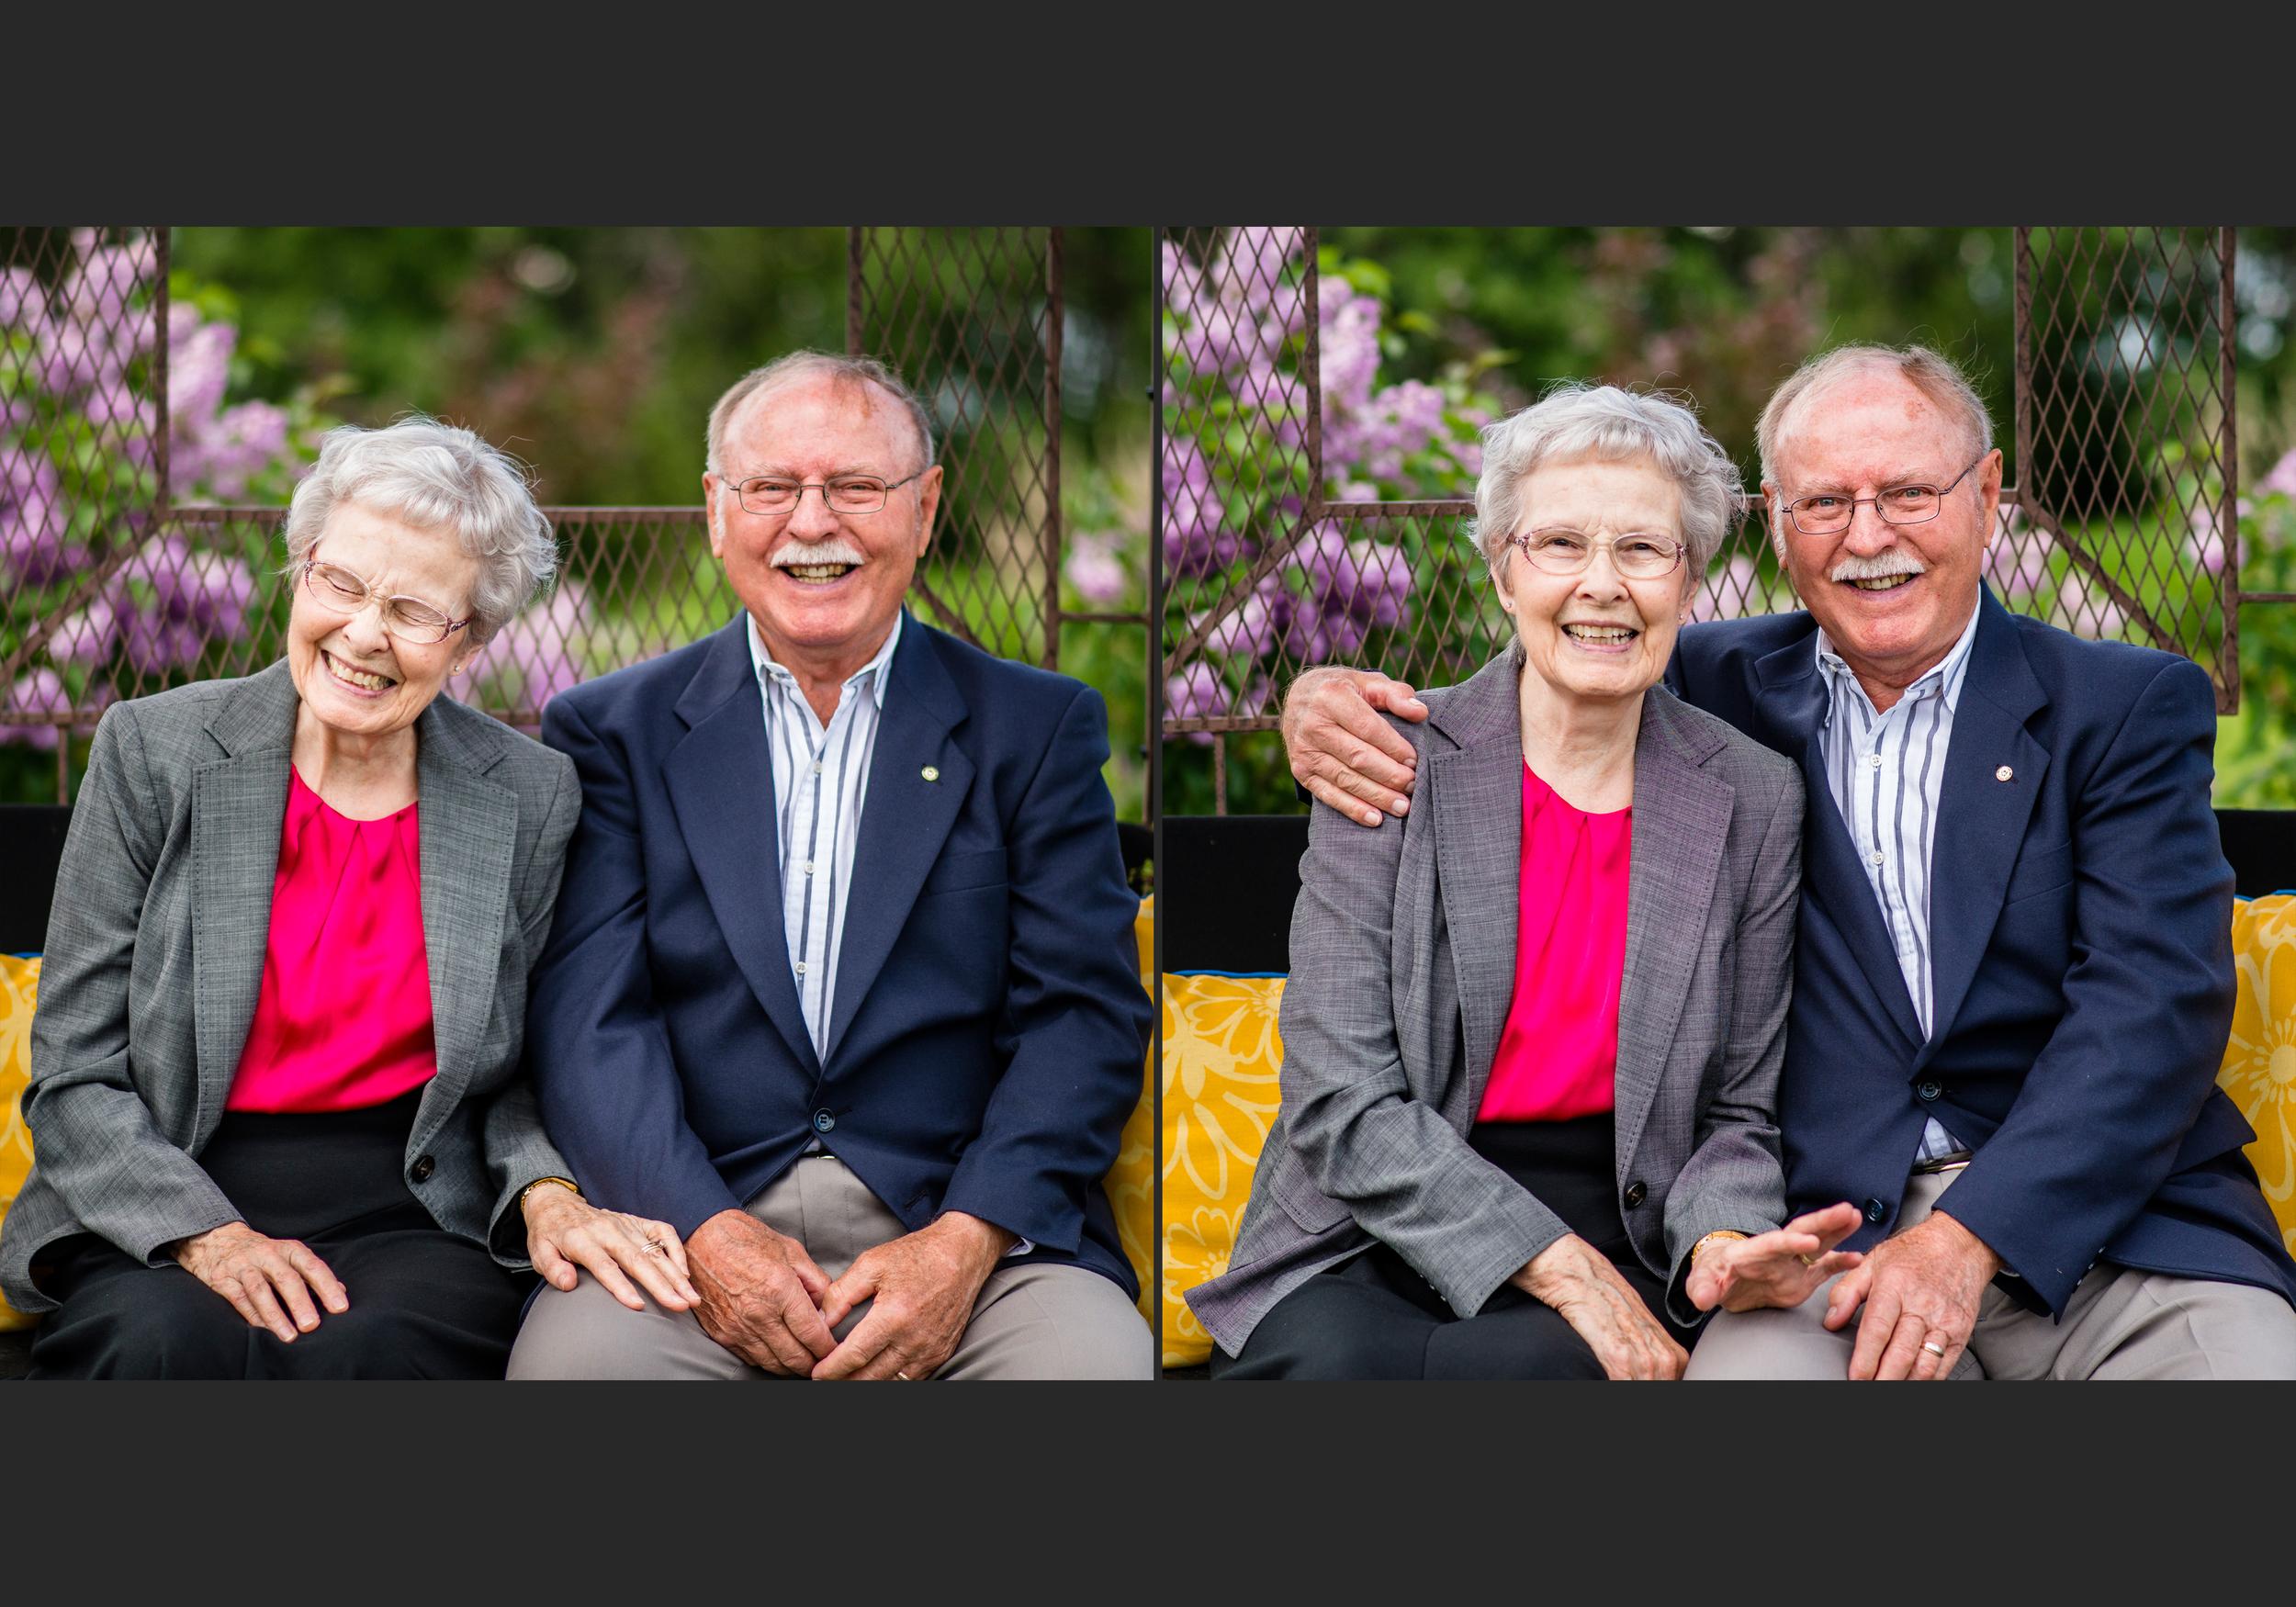 faist family.jpg